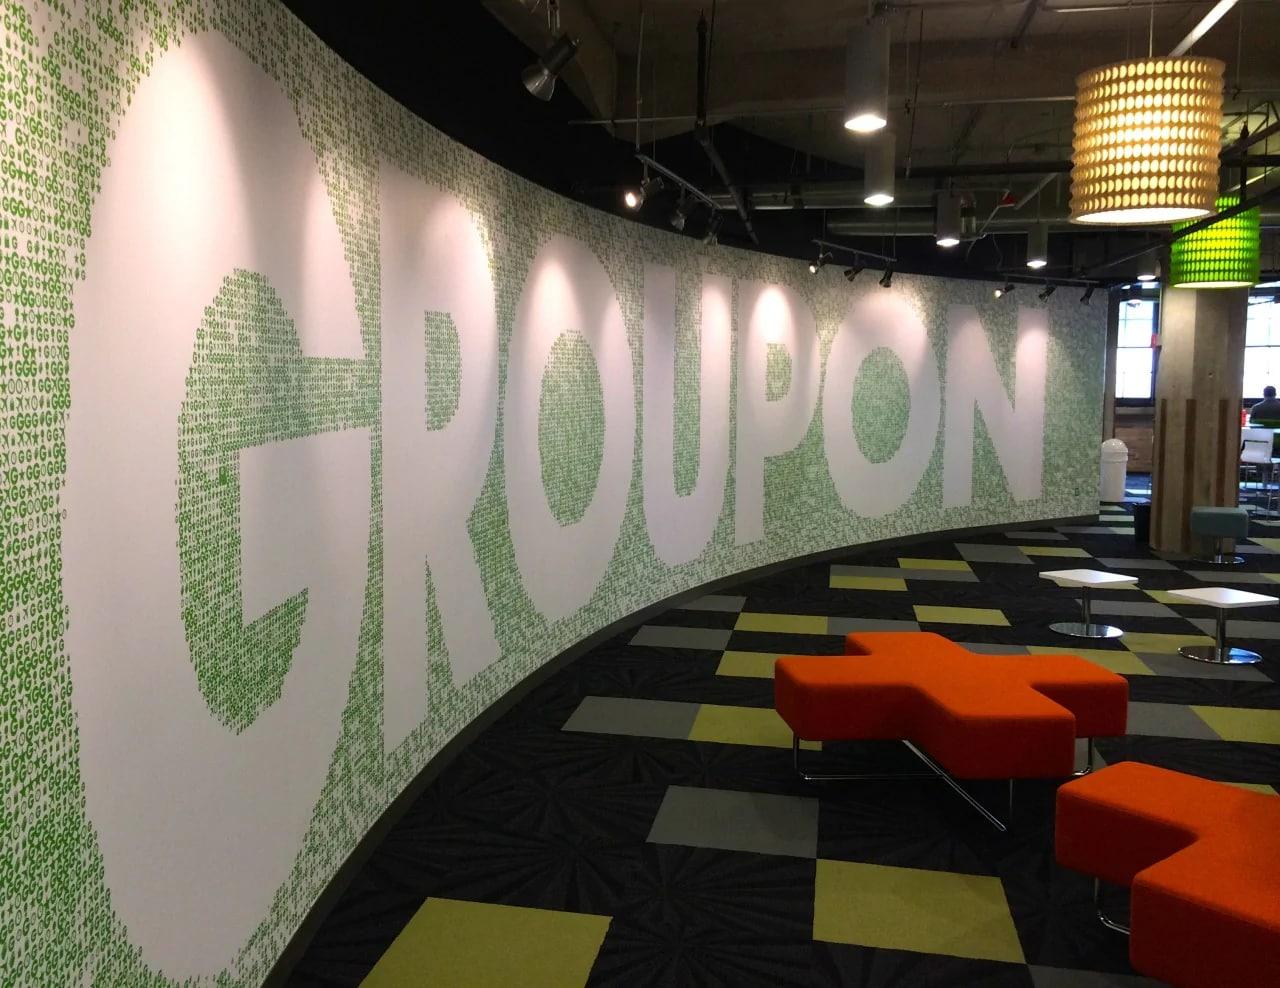 Groupon smetterà di vendere beni per focalizzarsi sulle esperienze locali